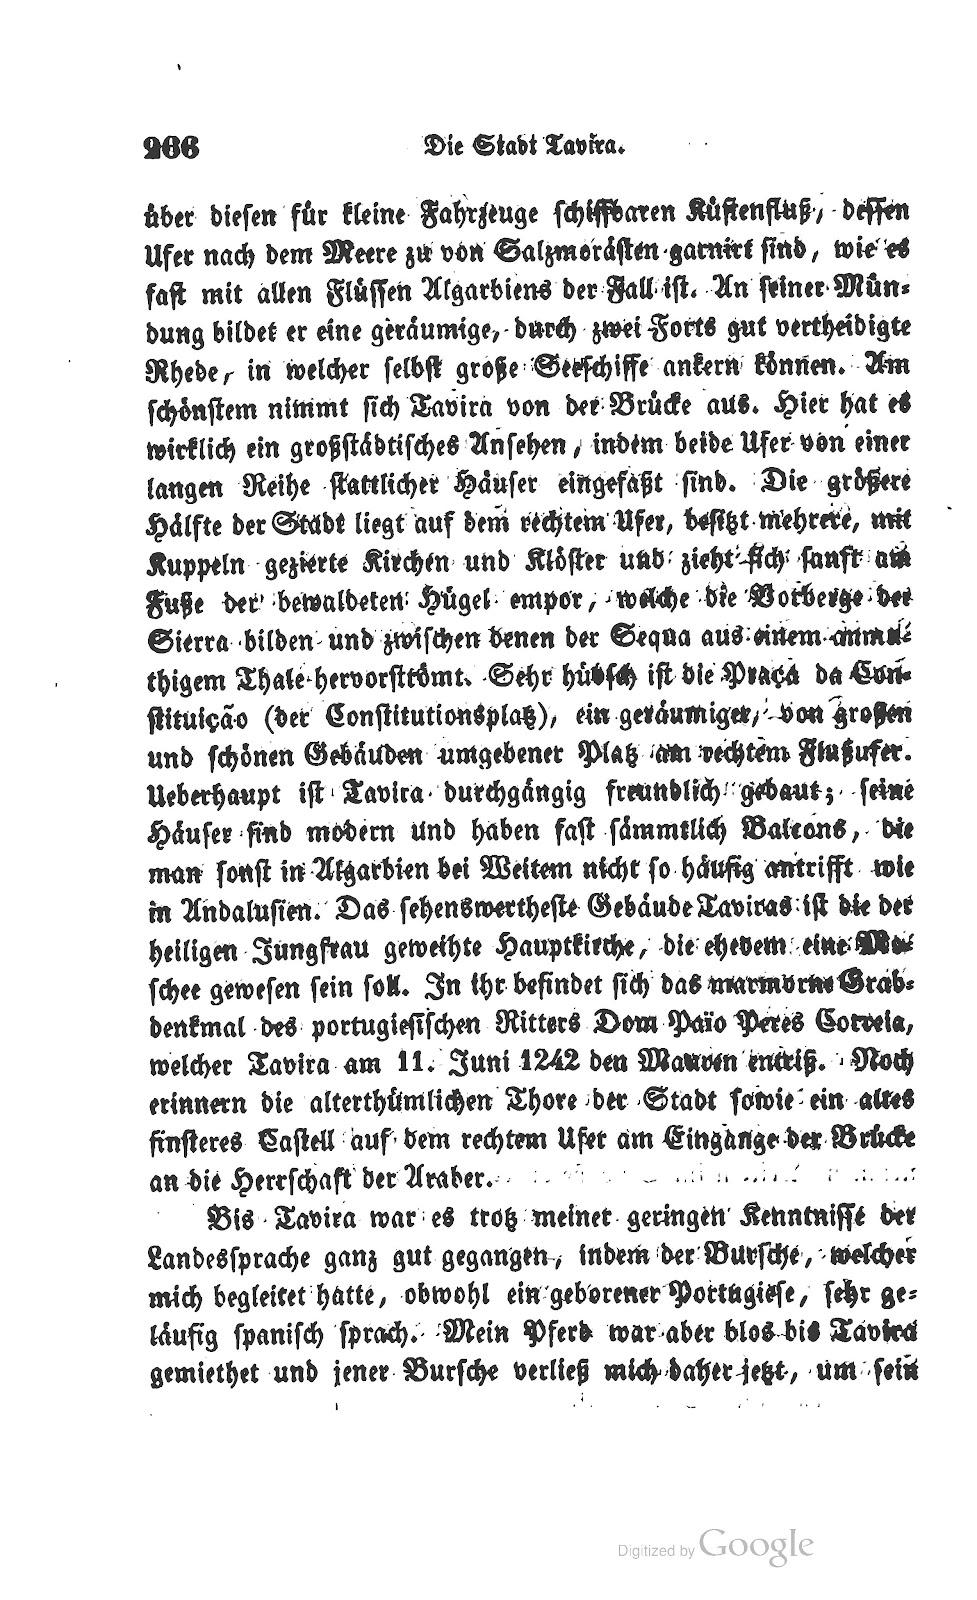 WIllkomm - 10. Kapitel Pages from Zwei_Jahre_in_Spanien_und_Portugal(3)_Page_08.jpg